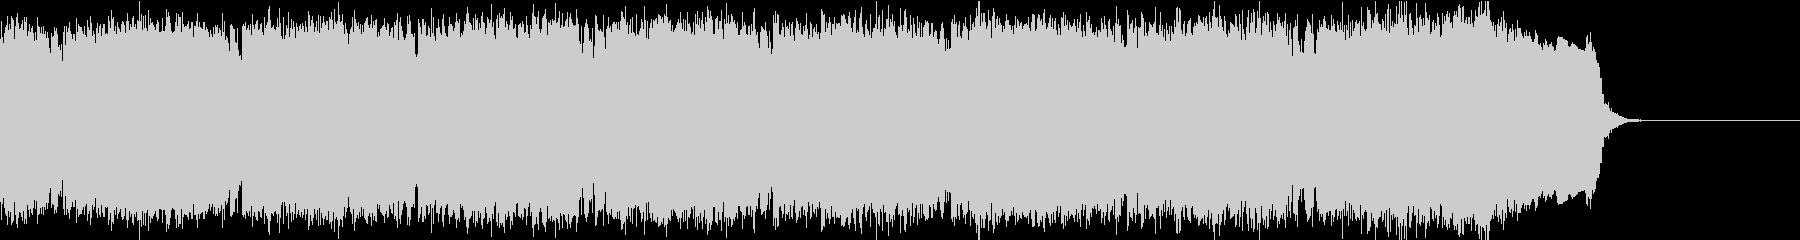 ヴァンヘイレン風 明るいロックの未再生の波形